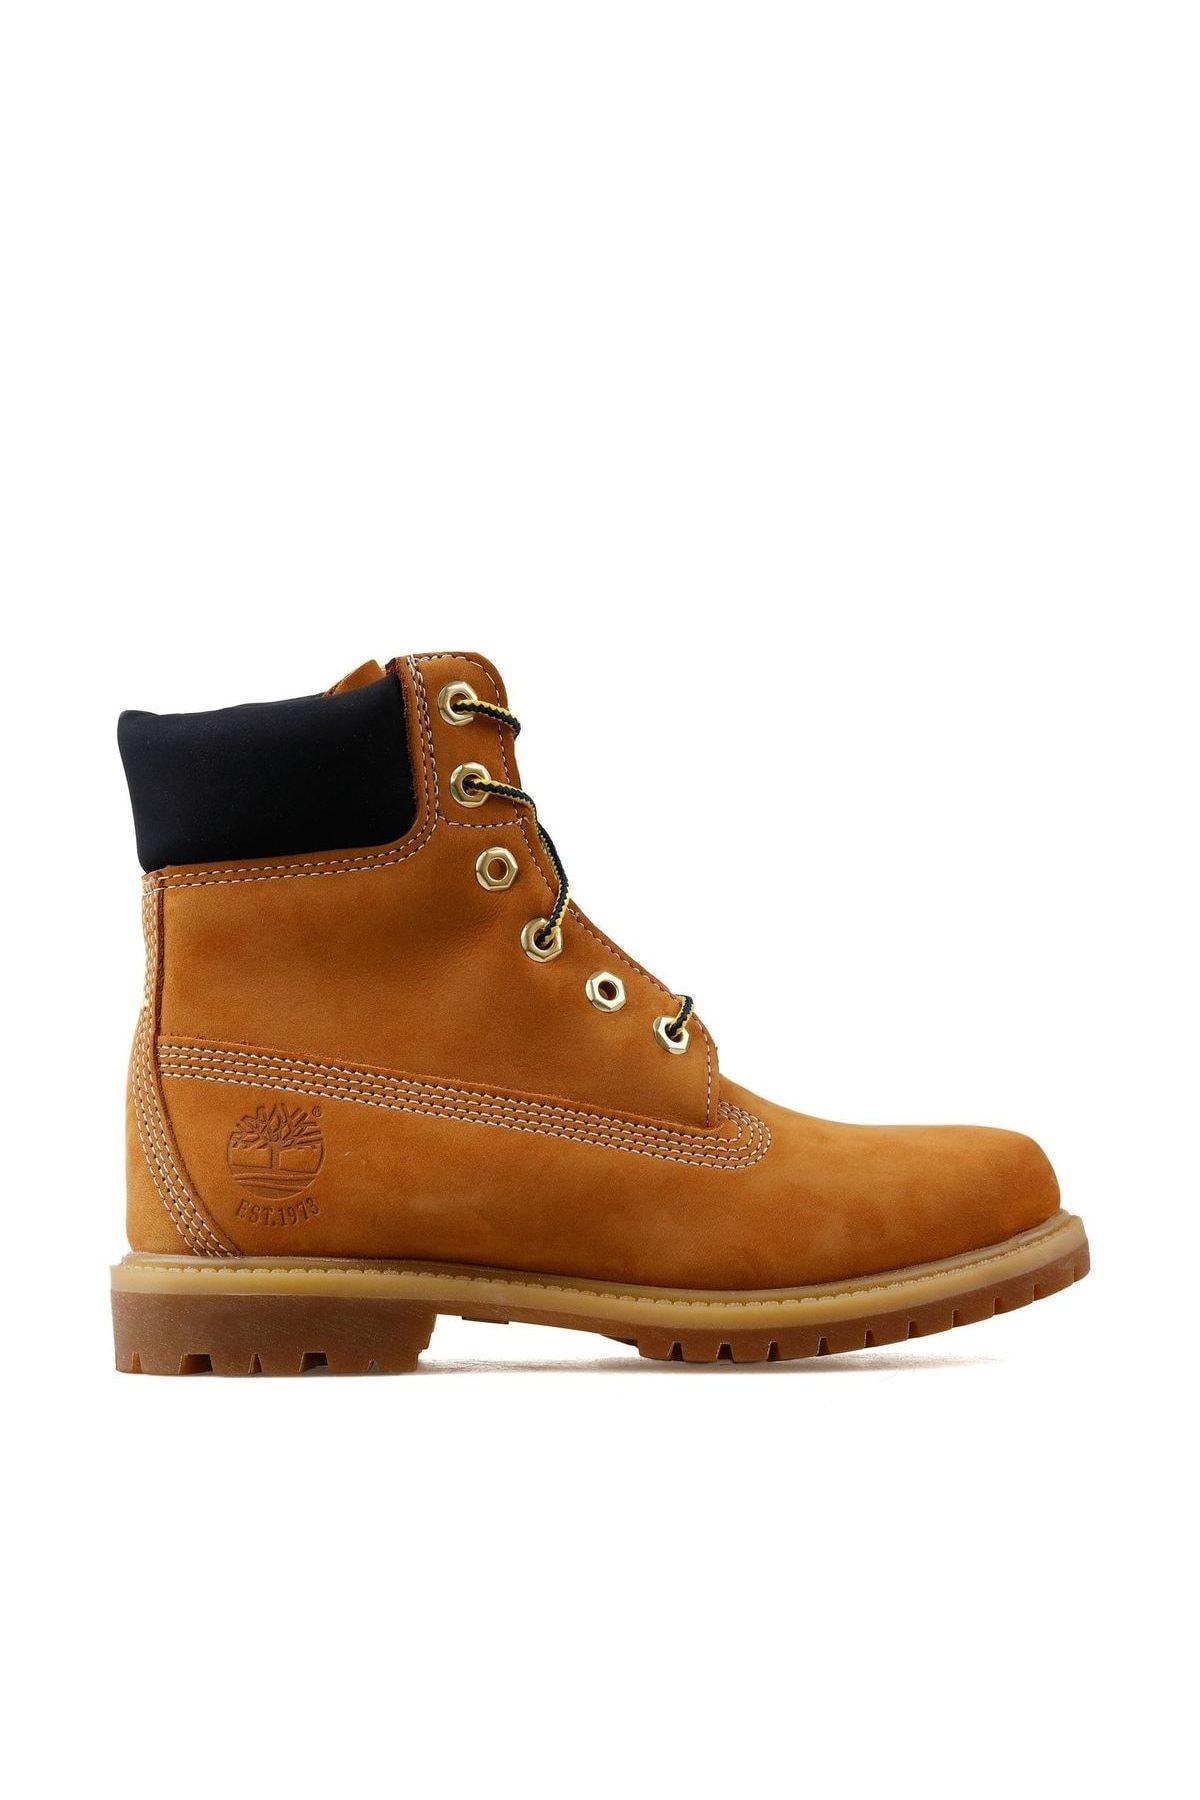 Timberland Kadın Bot - 6in Premium Boot - W - TB0A1SI12311 1